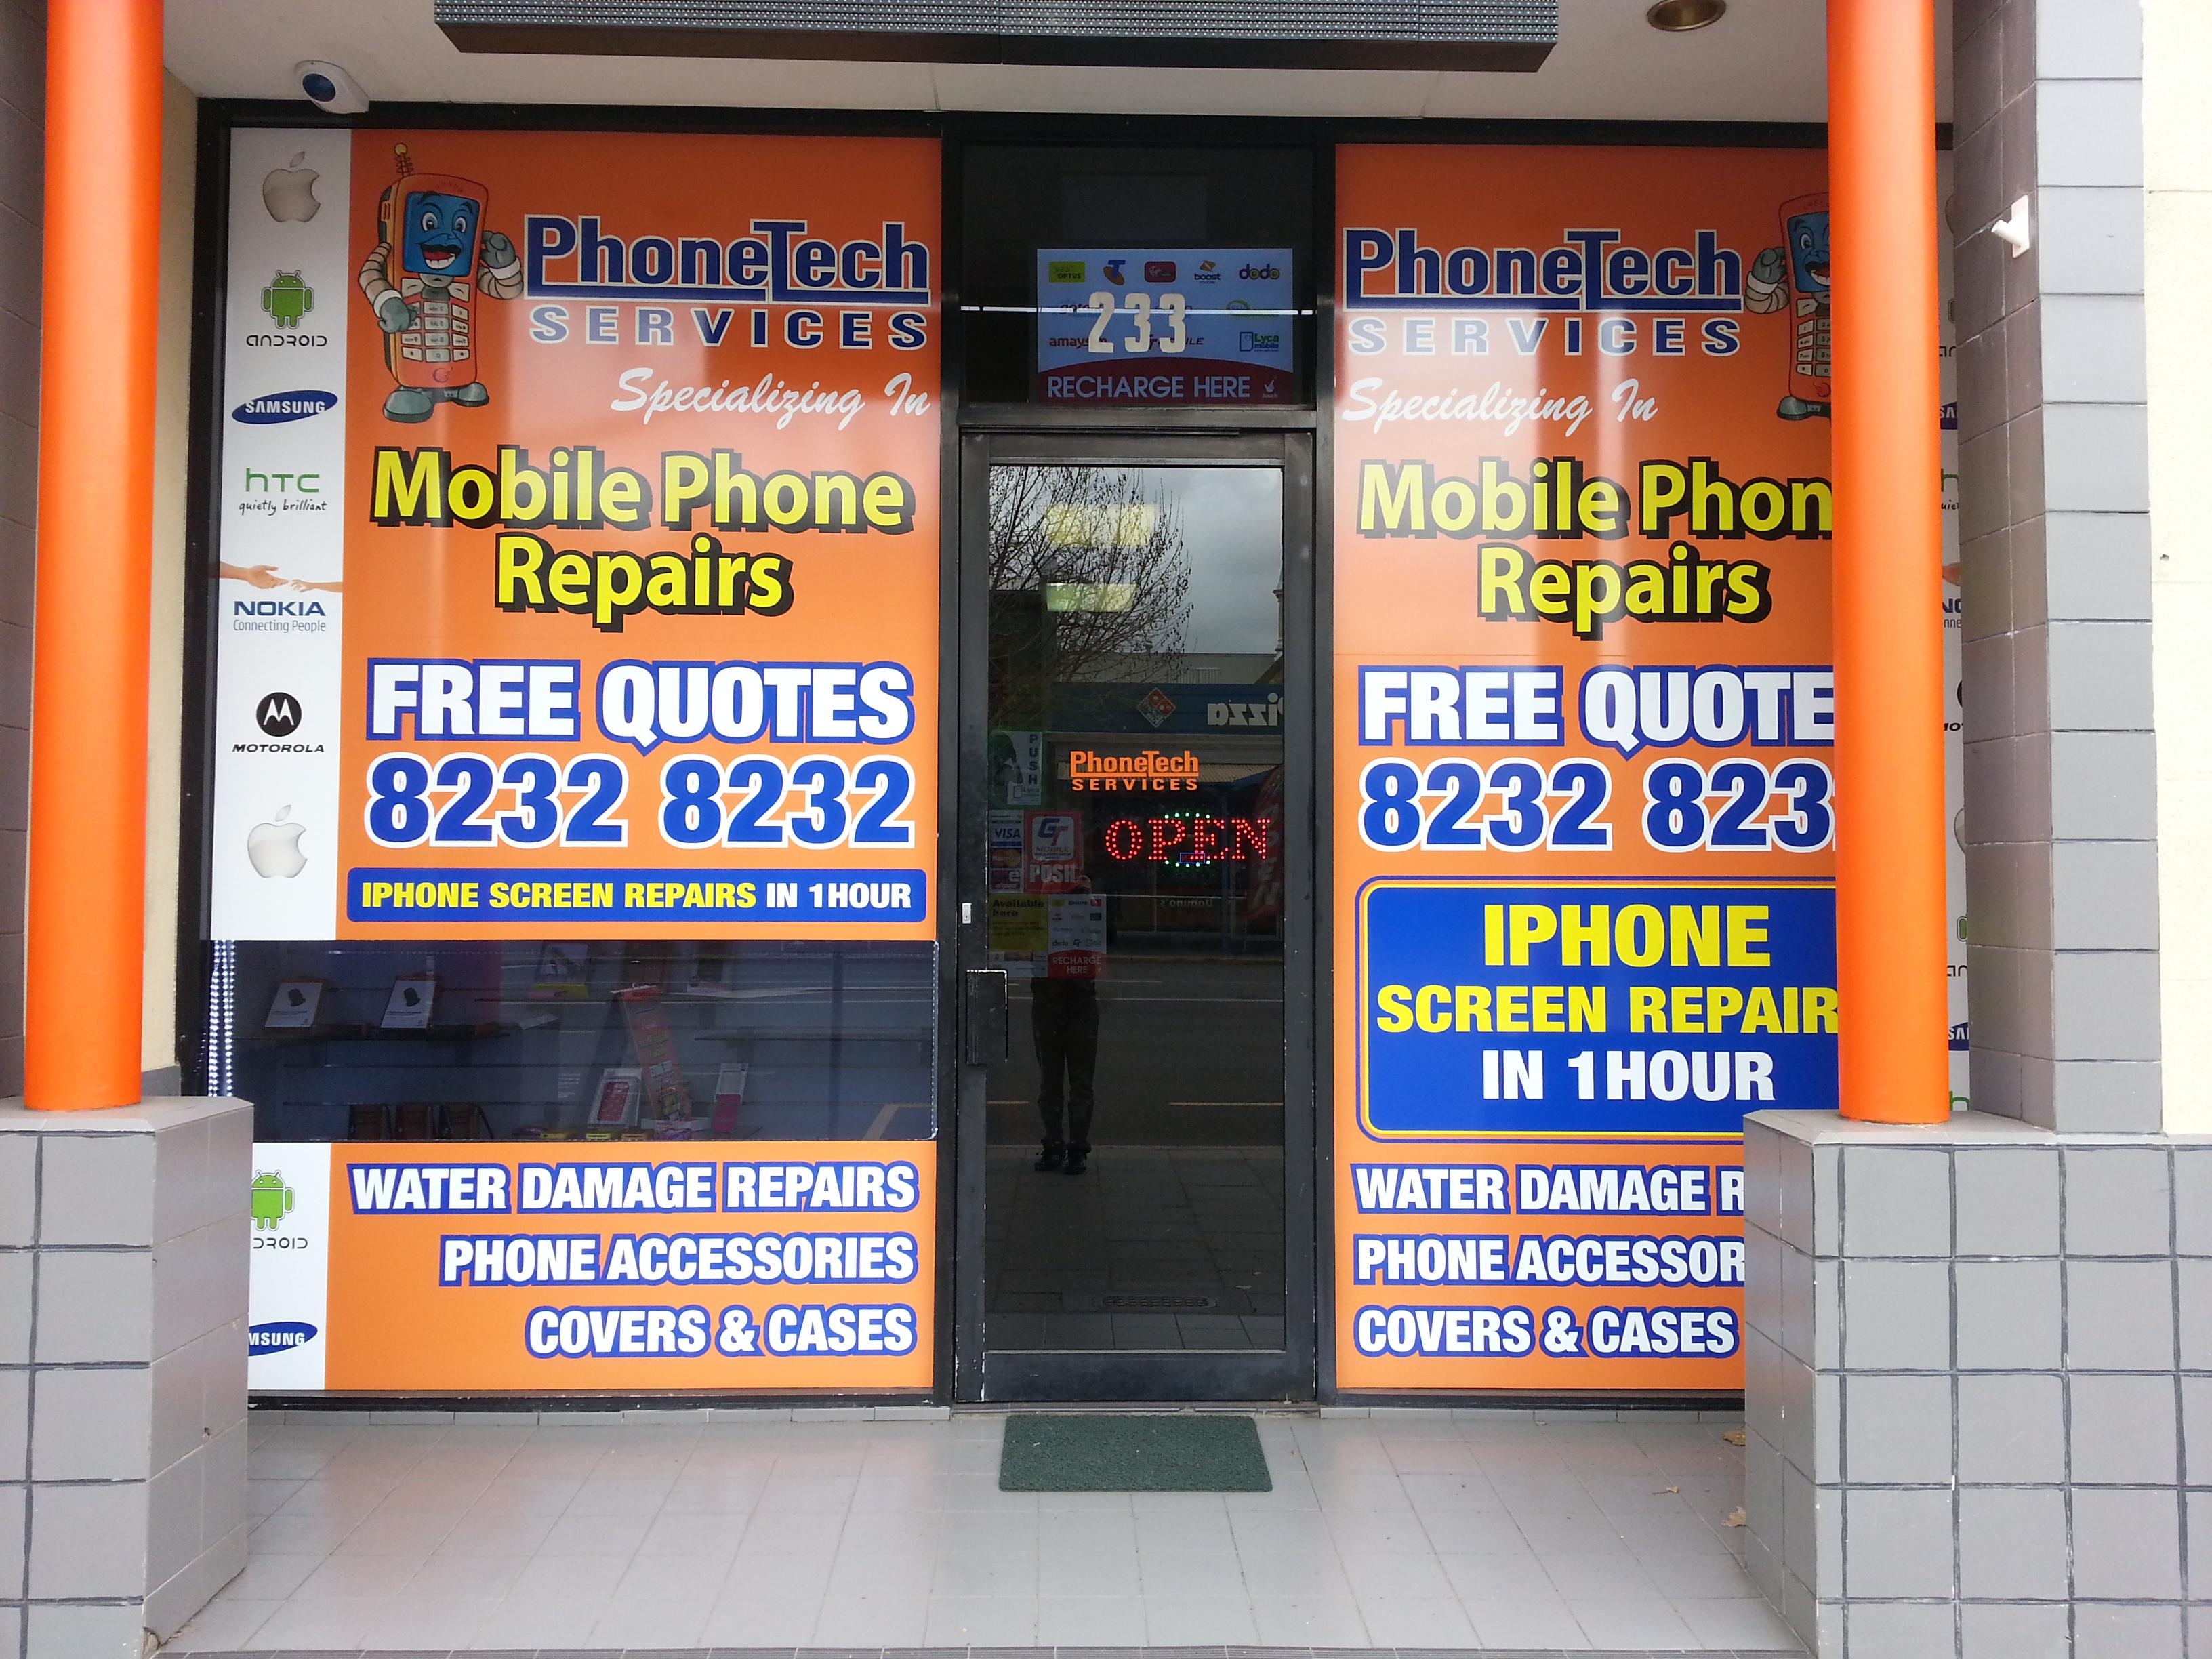 Phonetech Services